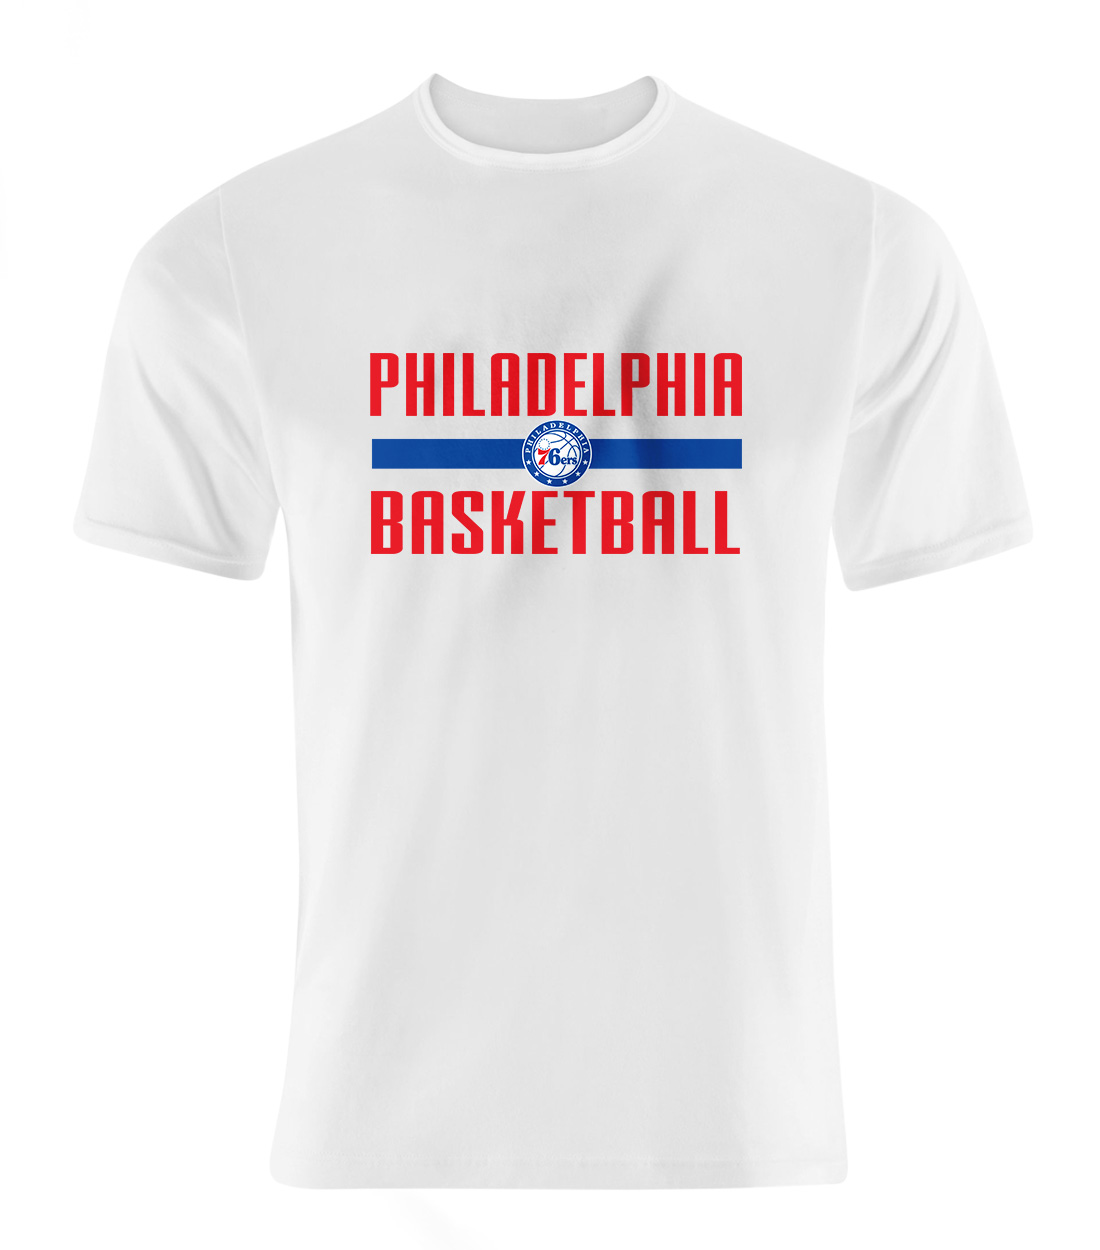 Philadelphia Basketball Tshirt (TSH-WHT-NP-phila.bsktbll-534)